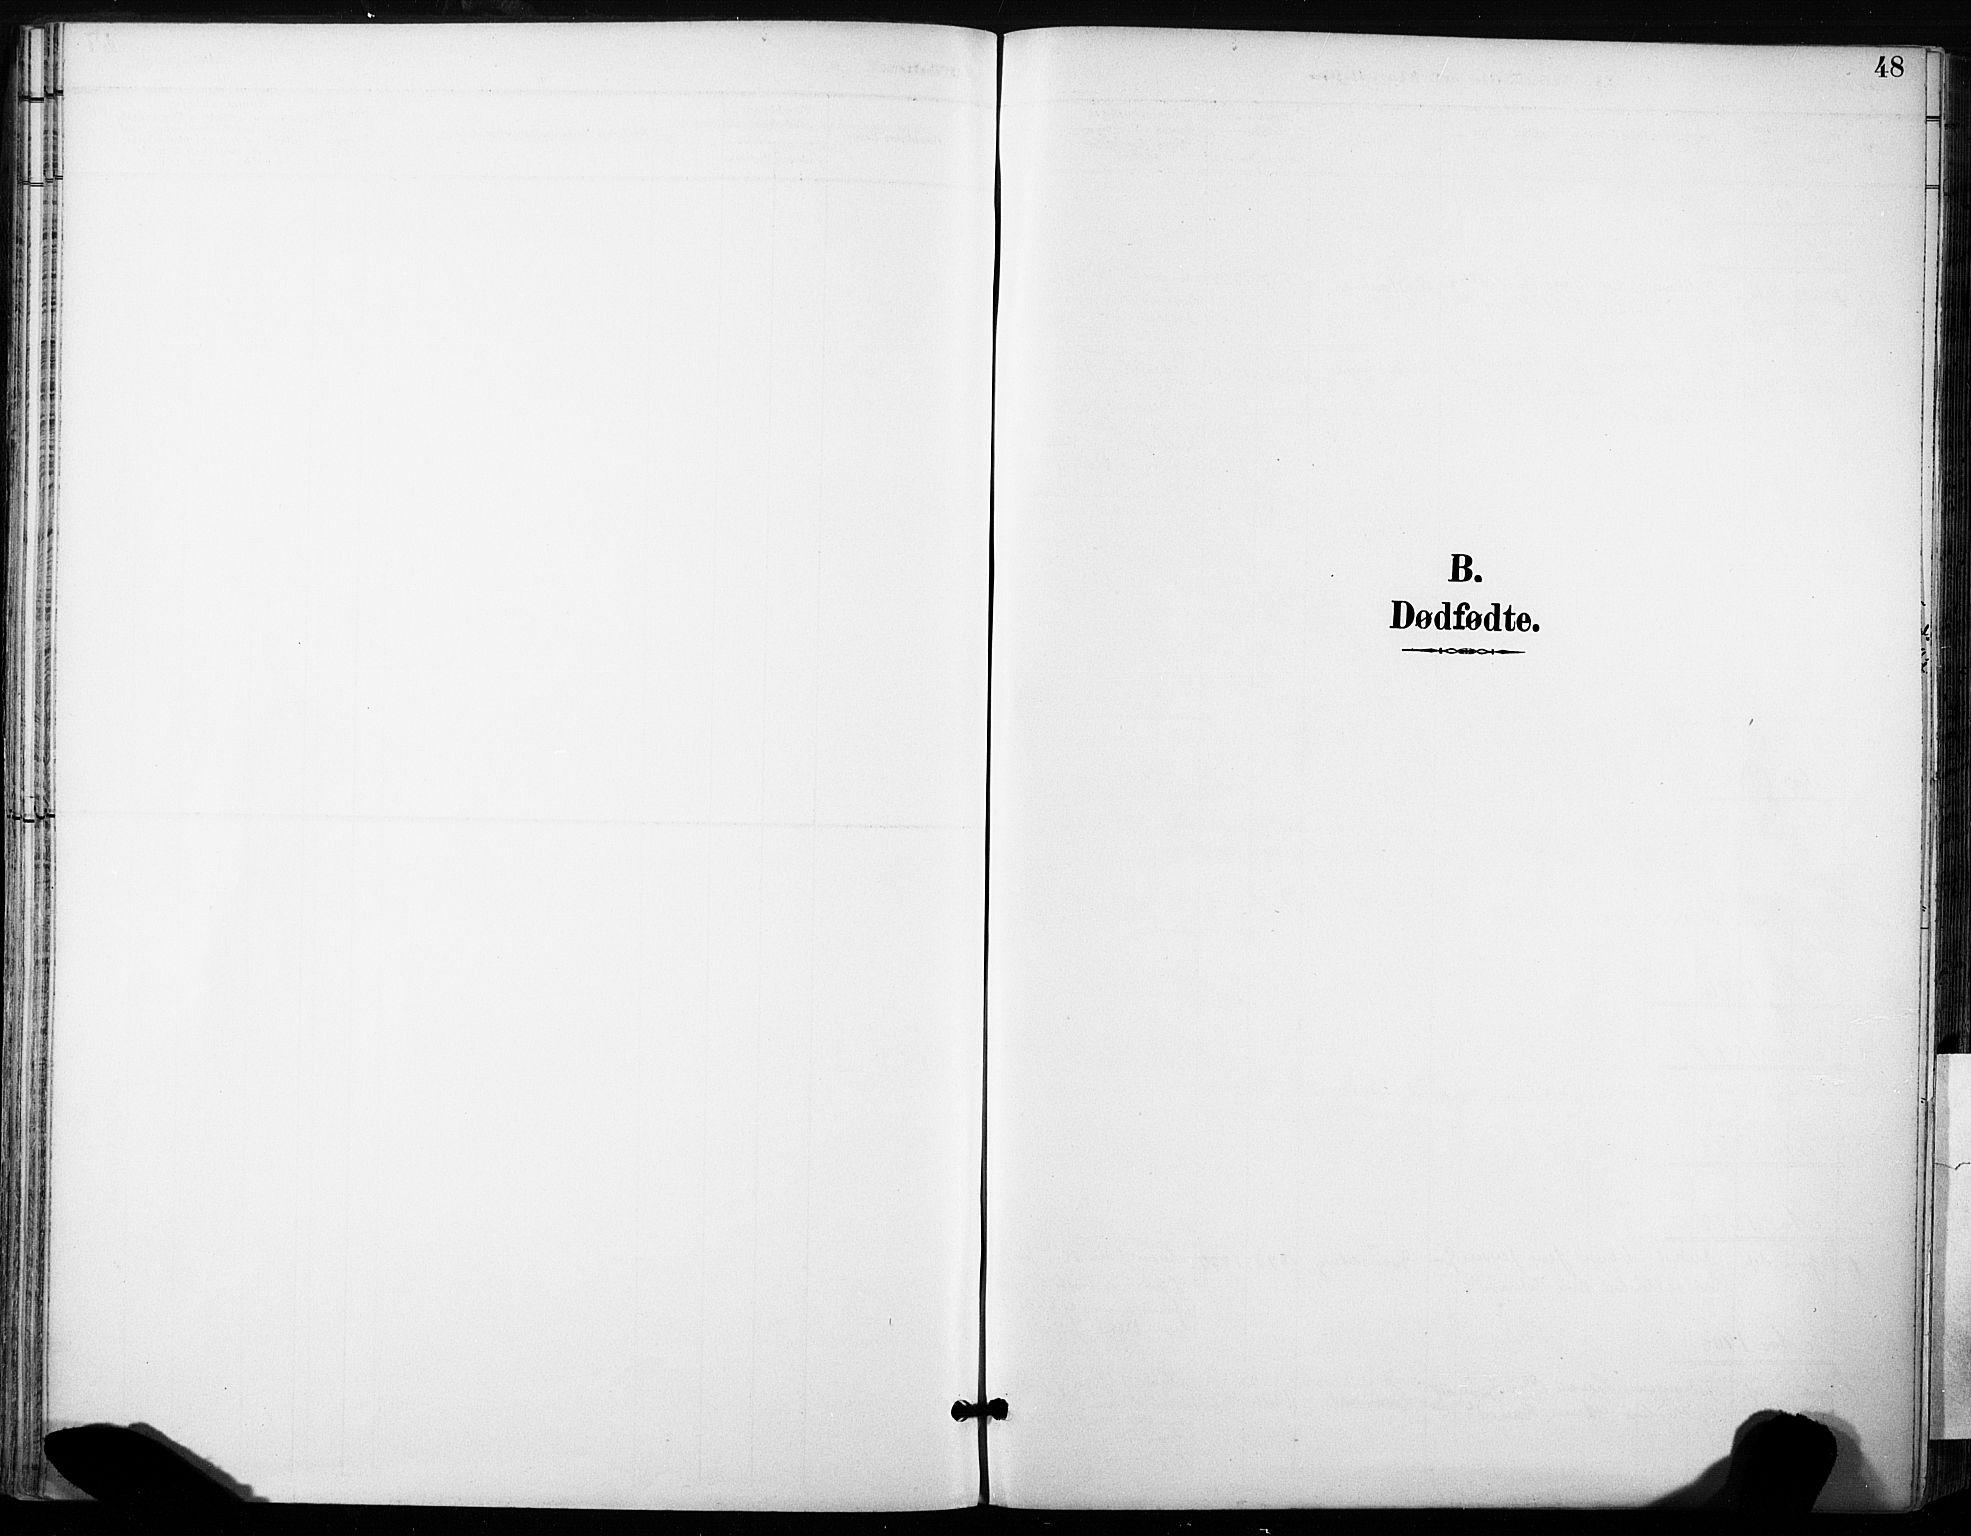 SAT, Ministerialprotokoller, klokkerbøker og fødselsregistre - Sør-Trøndelag, 685/L0973: Ministerialbok nr. 685A10, 1891-1907, s. 48